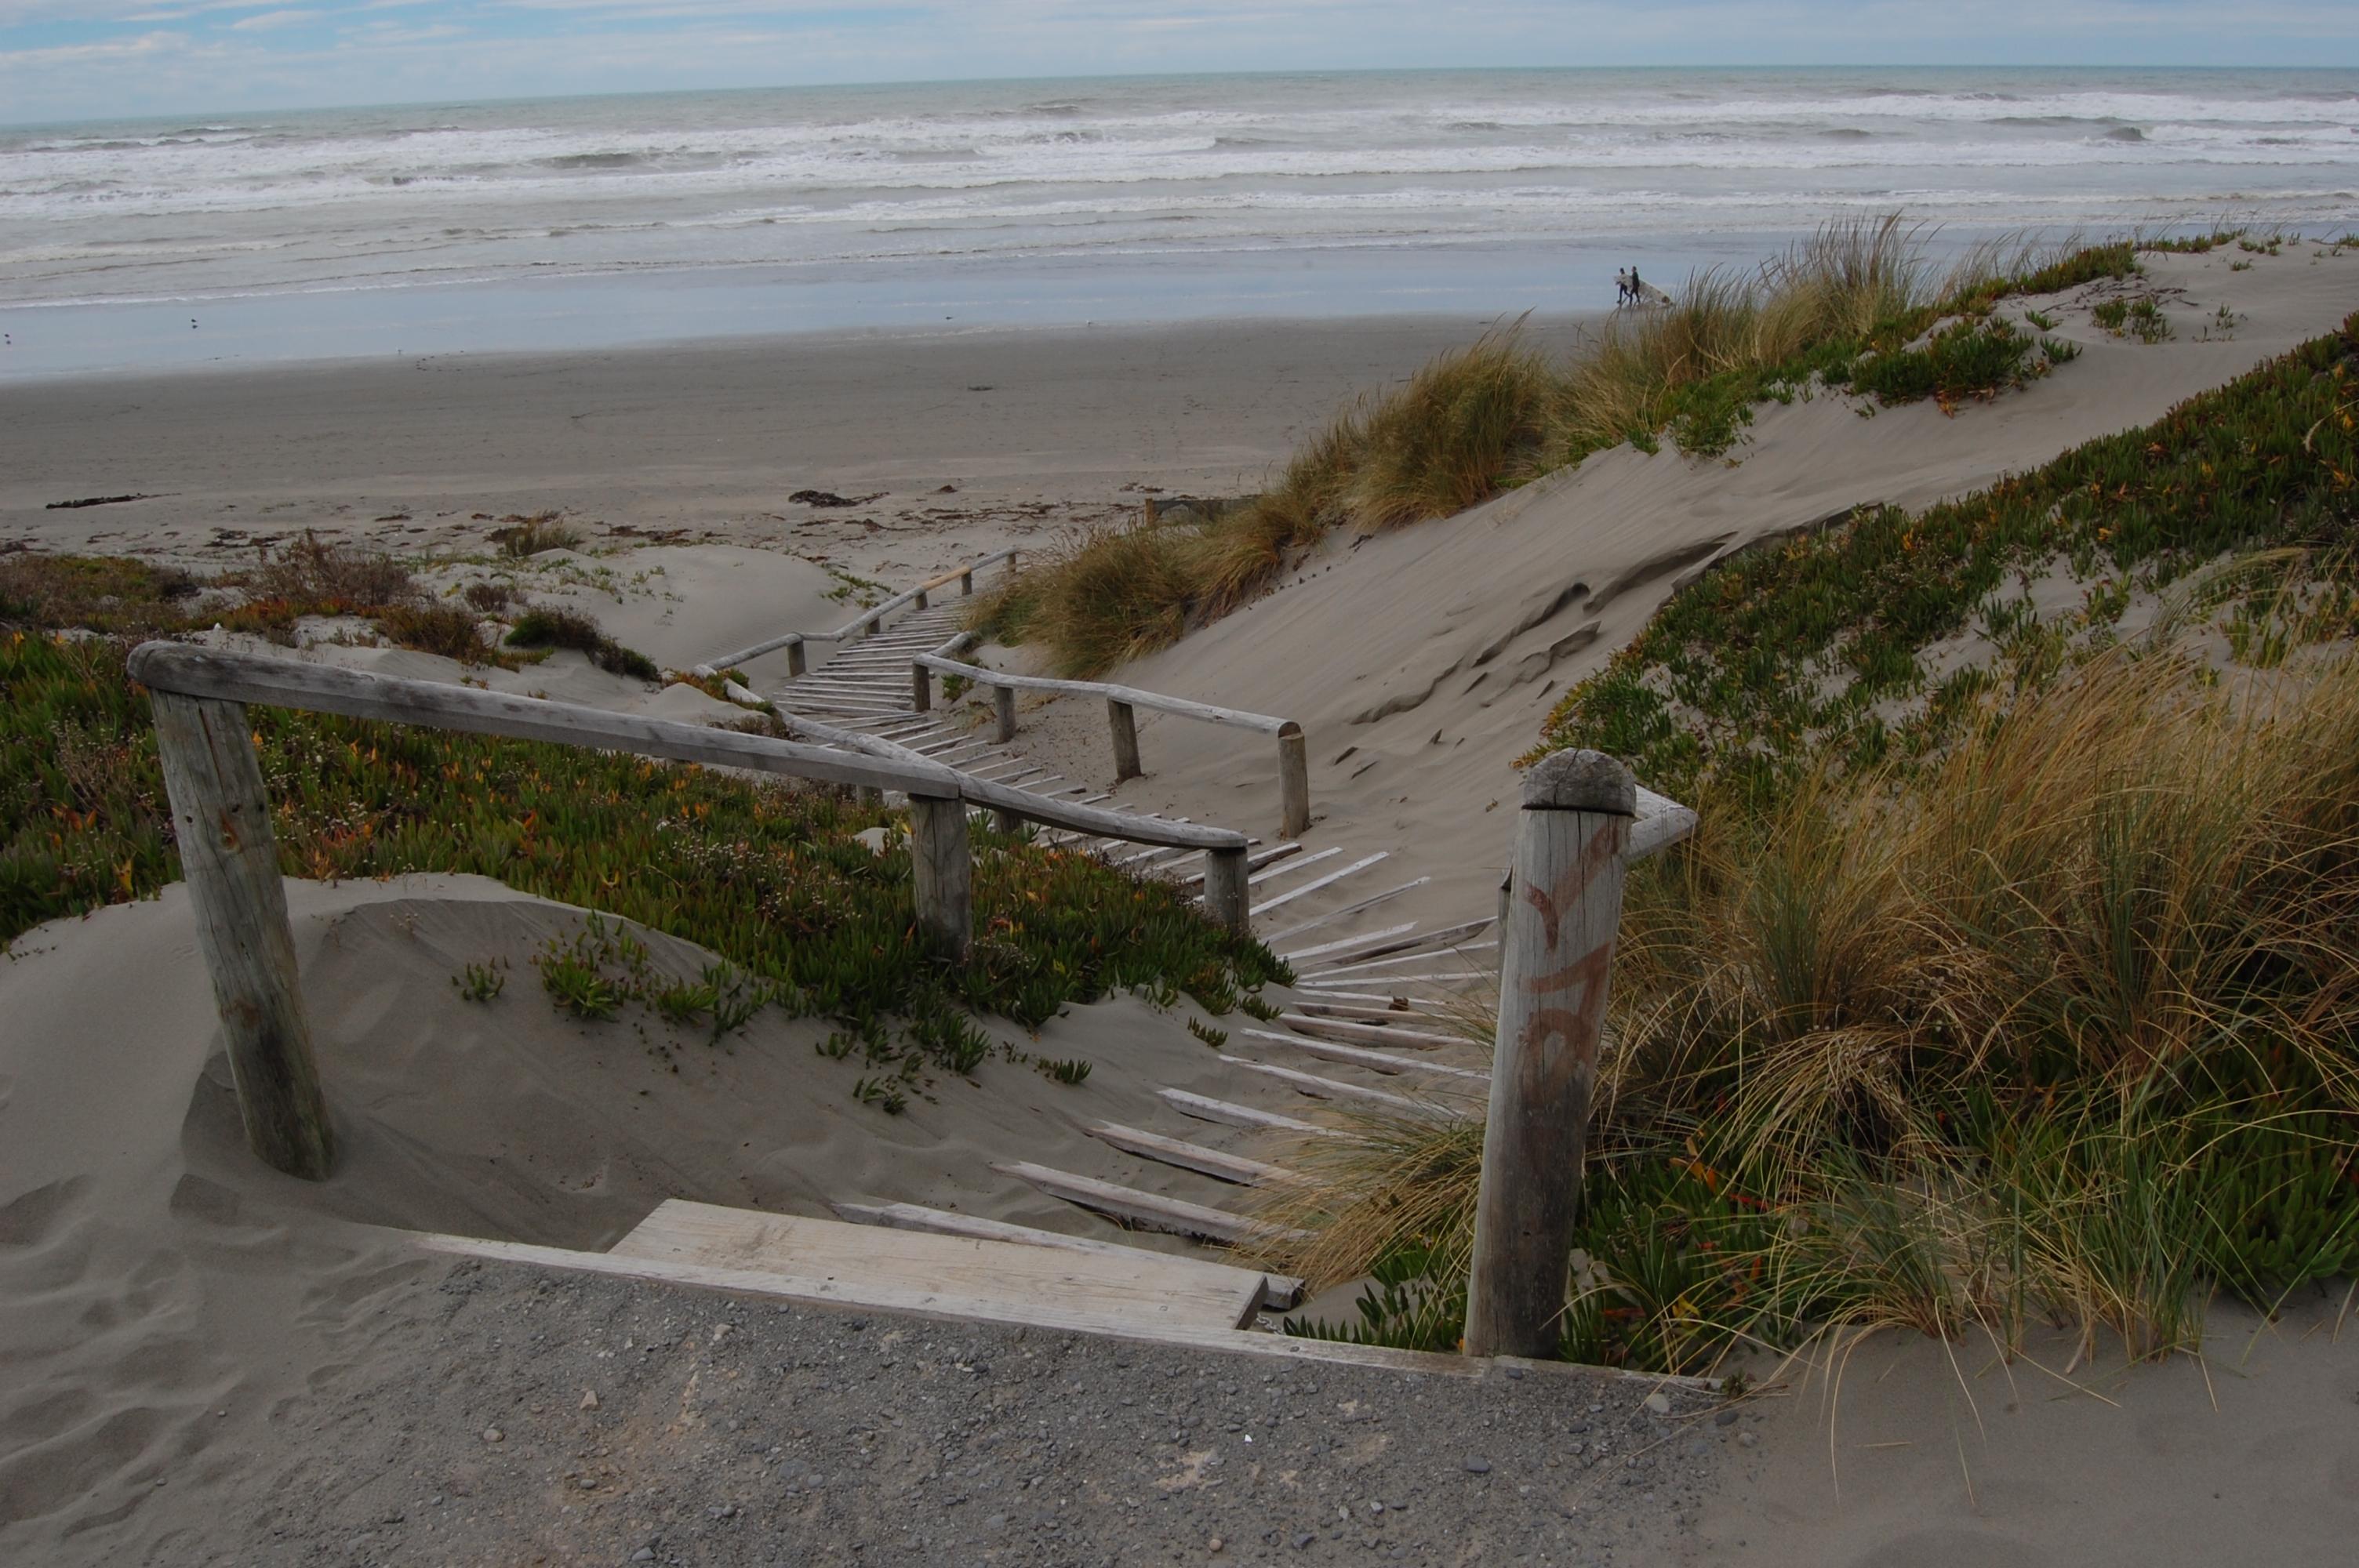 Plazove schody